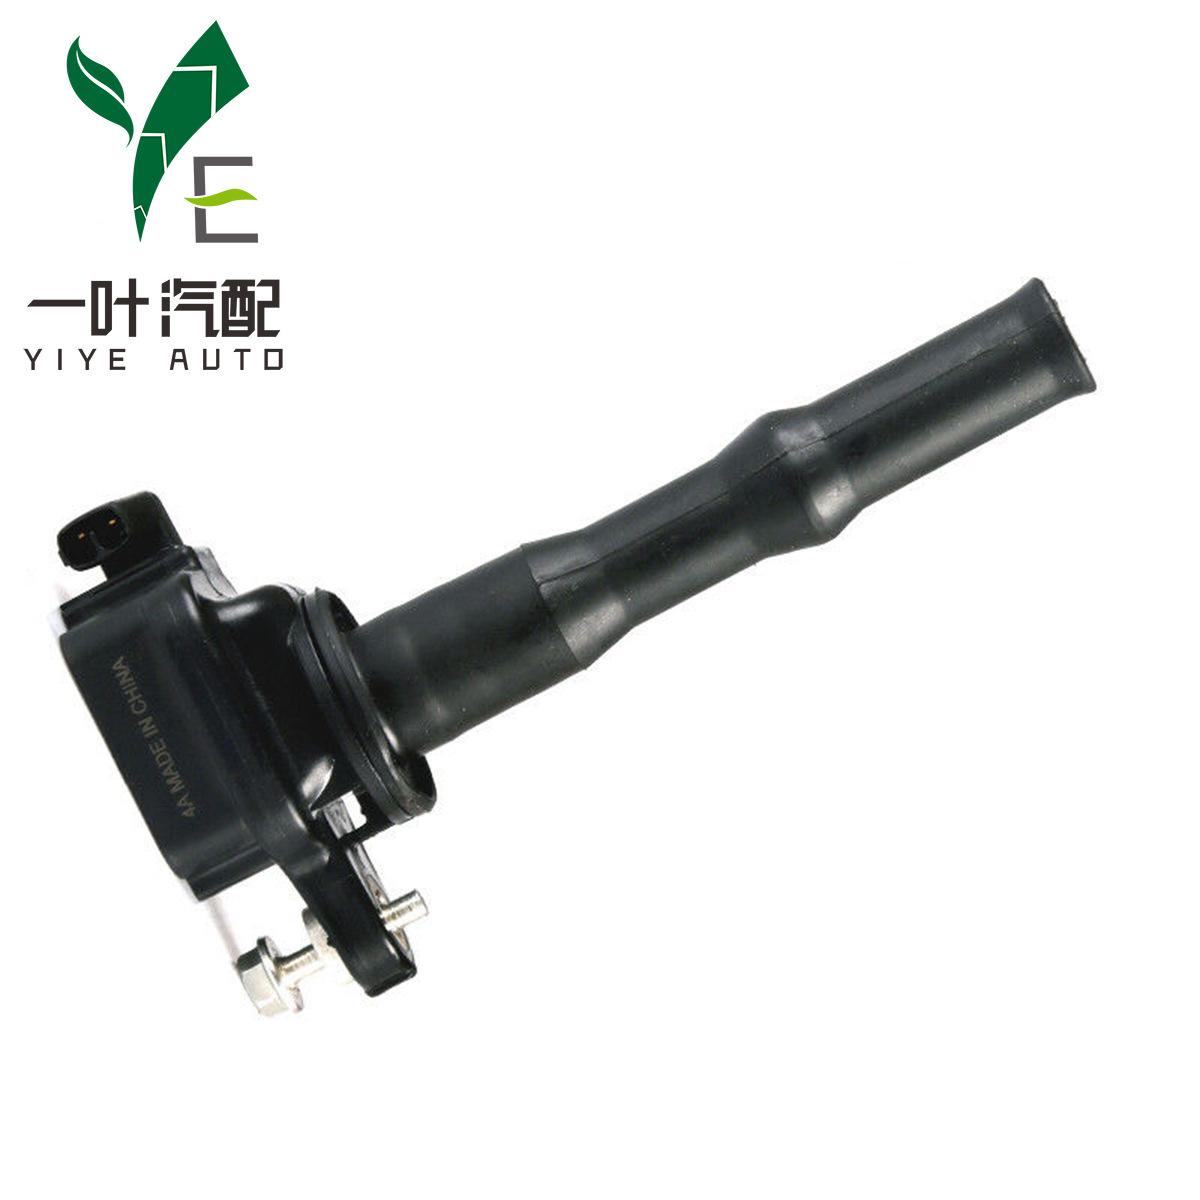 工厂直供高品质点火线圈90919-02214量大价优